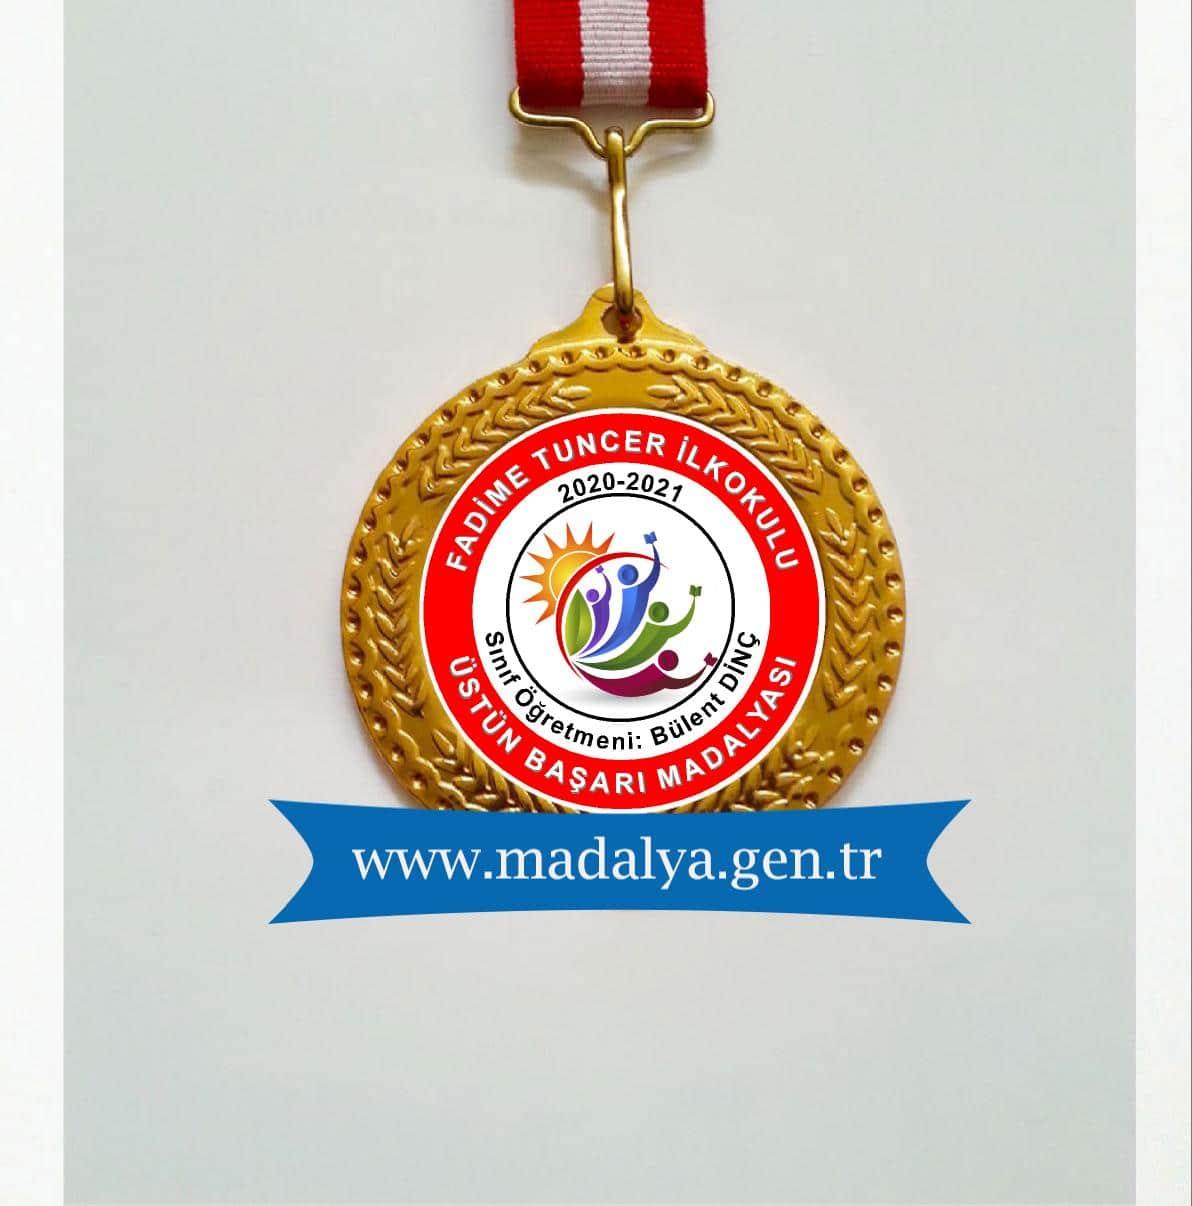 üstün başarı madalya ödülü